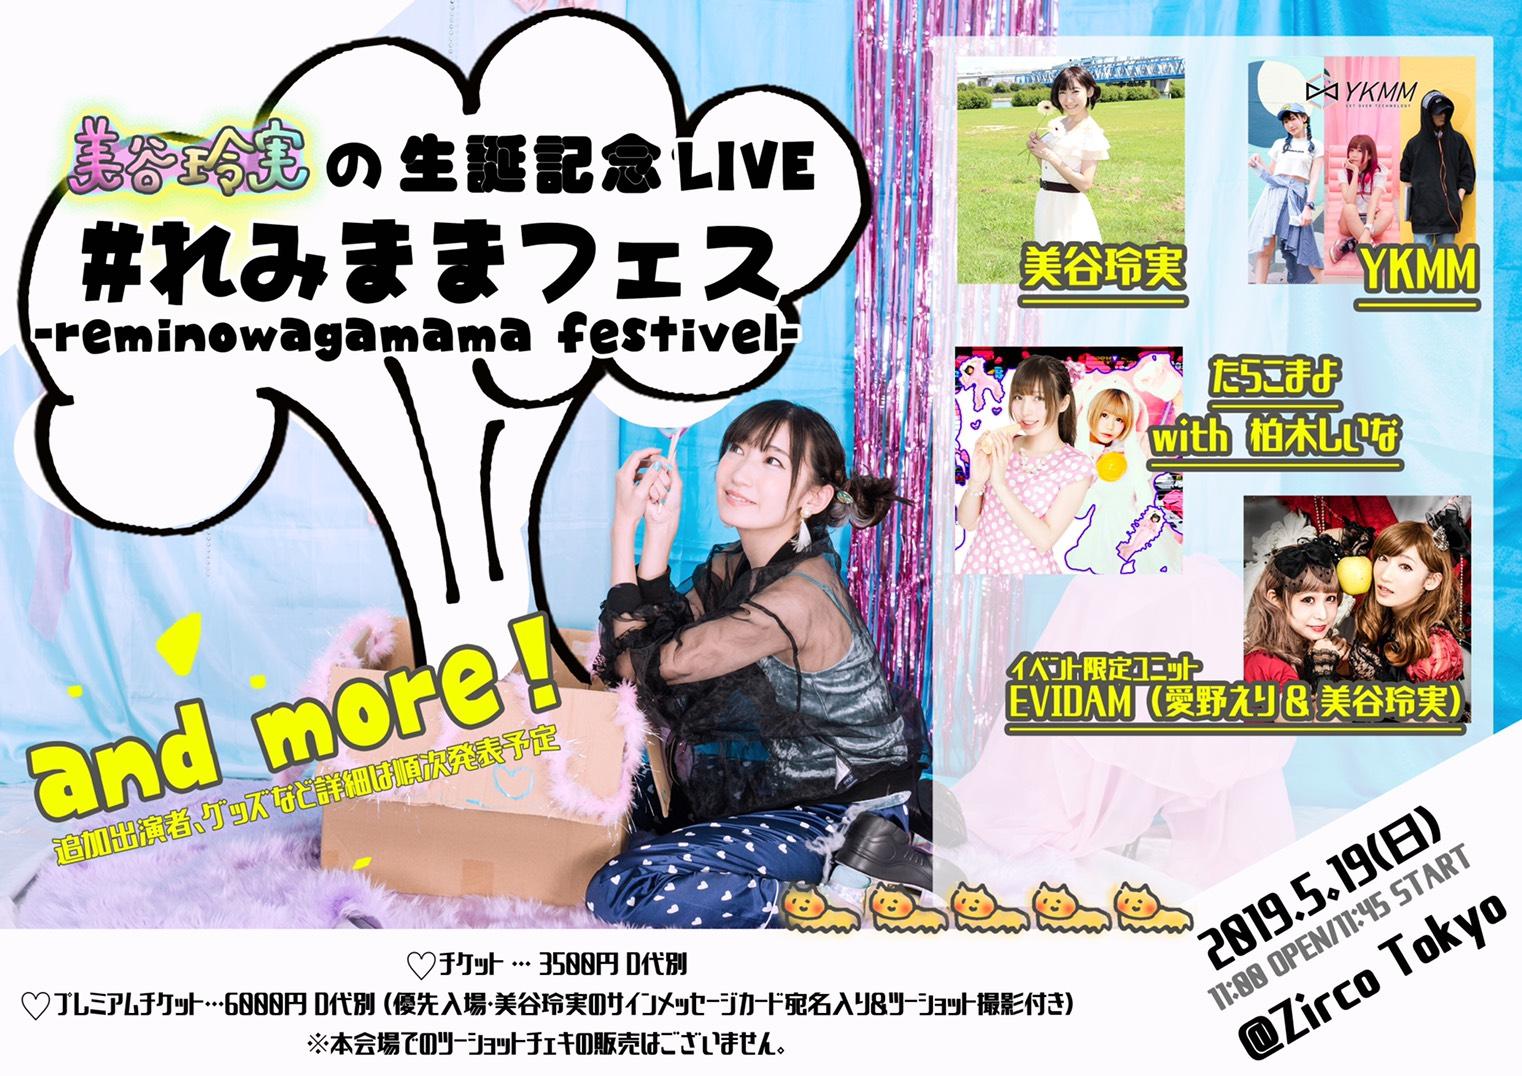 美谷玲実の生誕記念LIVE #れみままフェス -れみのわがままフェスティバル-